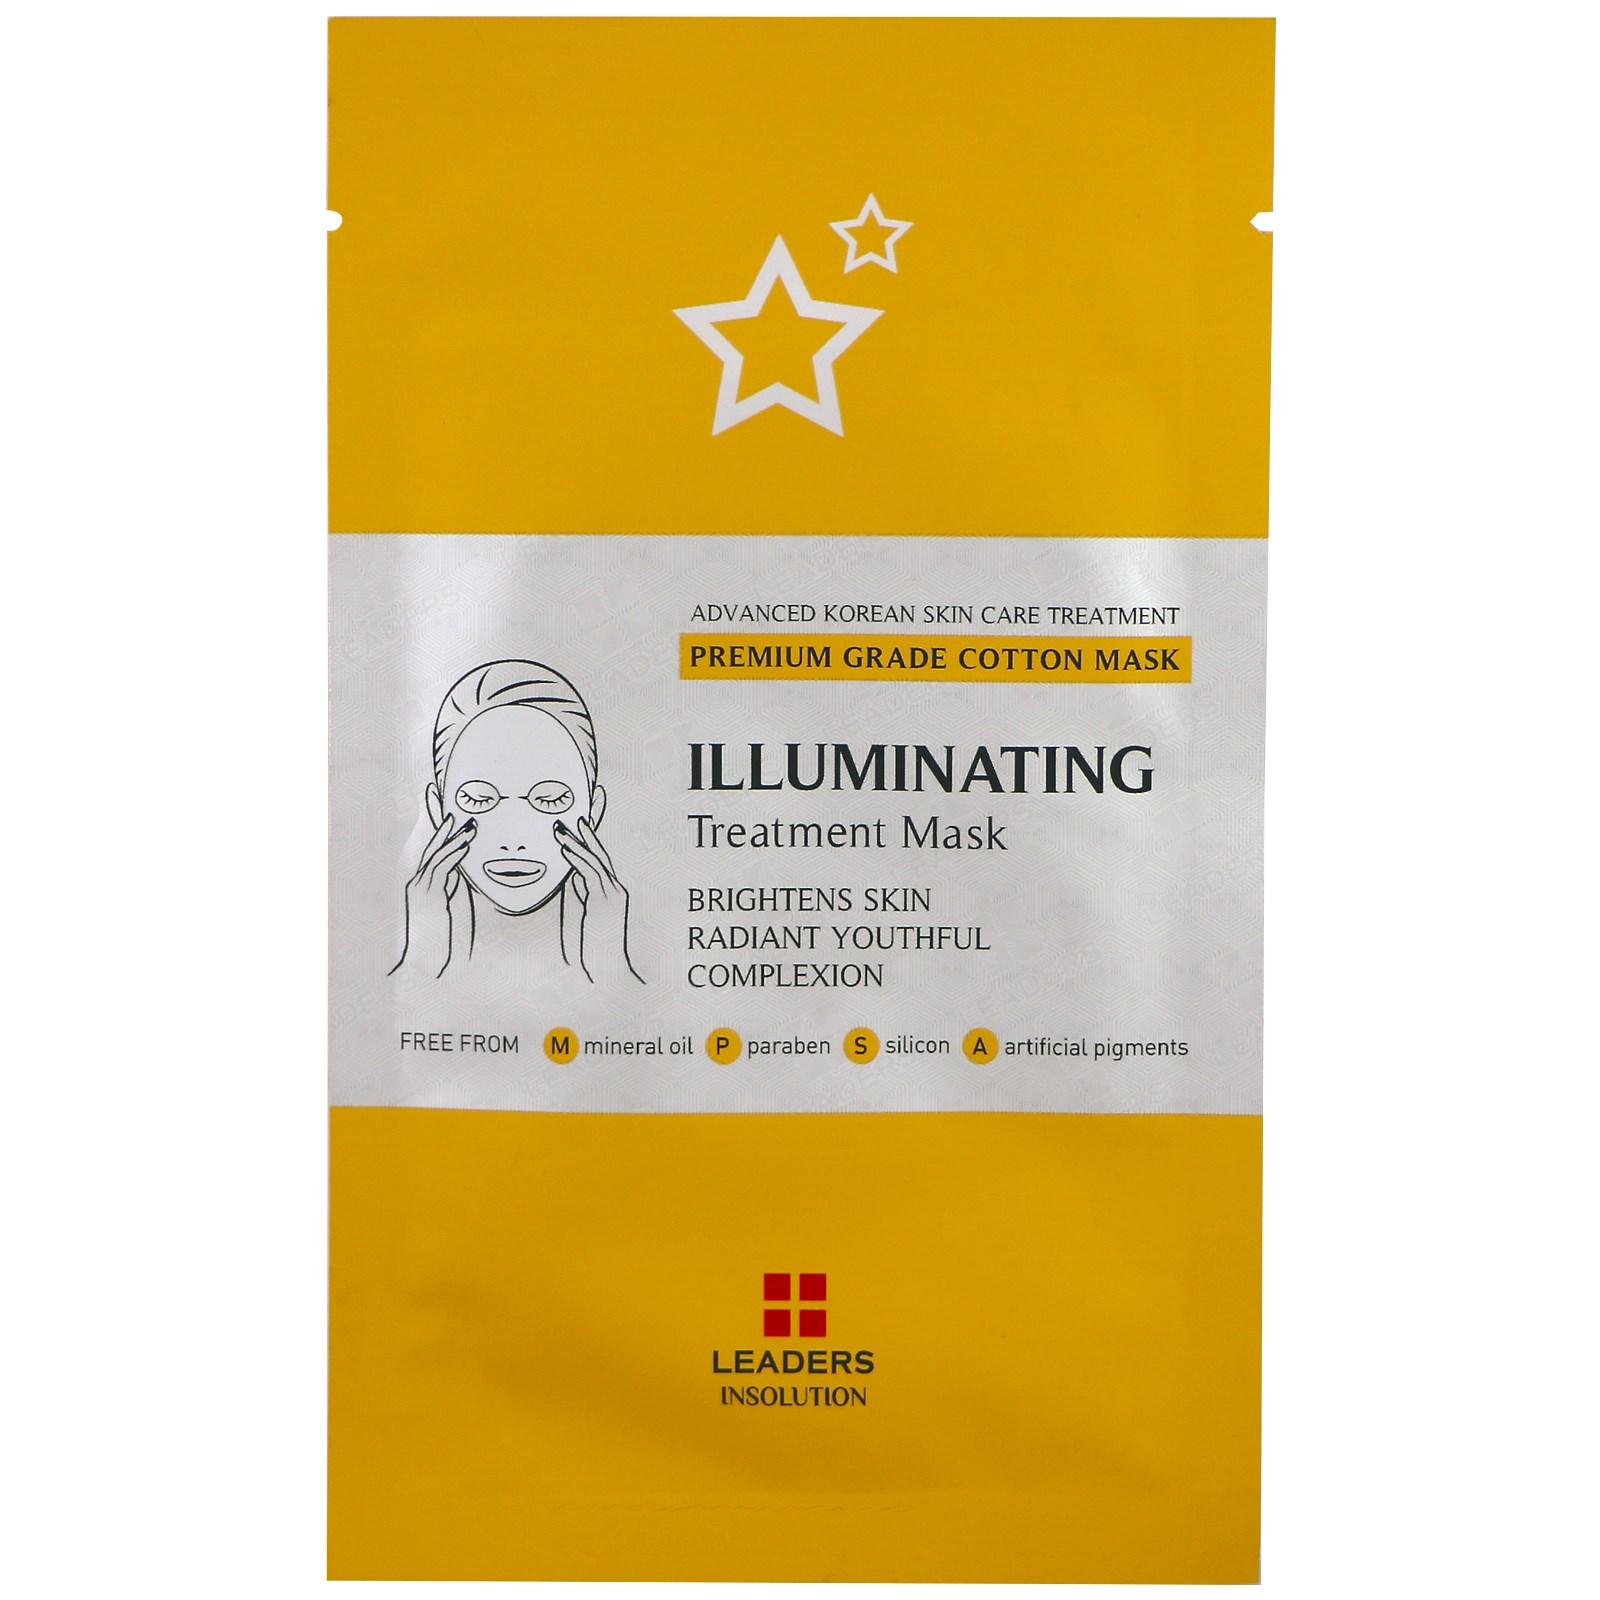 Leaders, Осветляющая лечебная маска, 1 маска, 25 мл